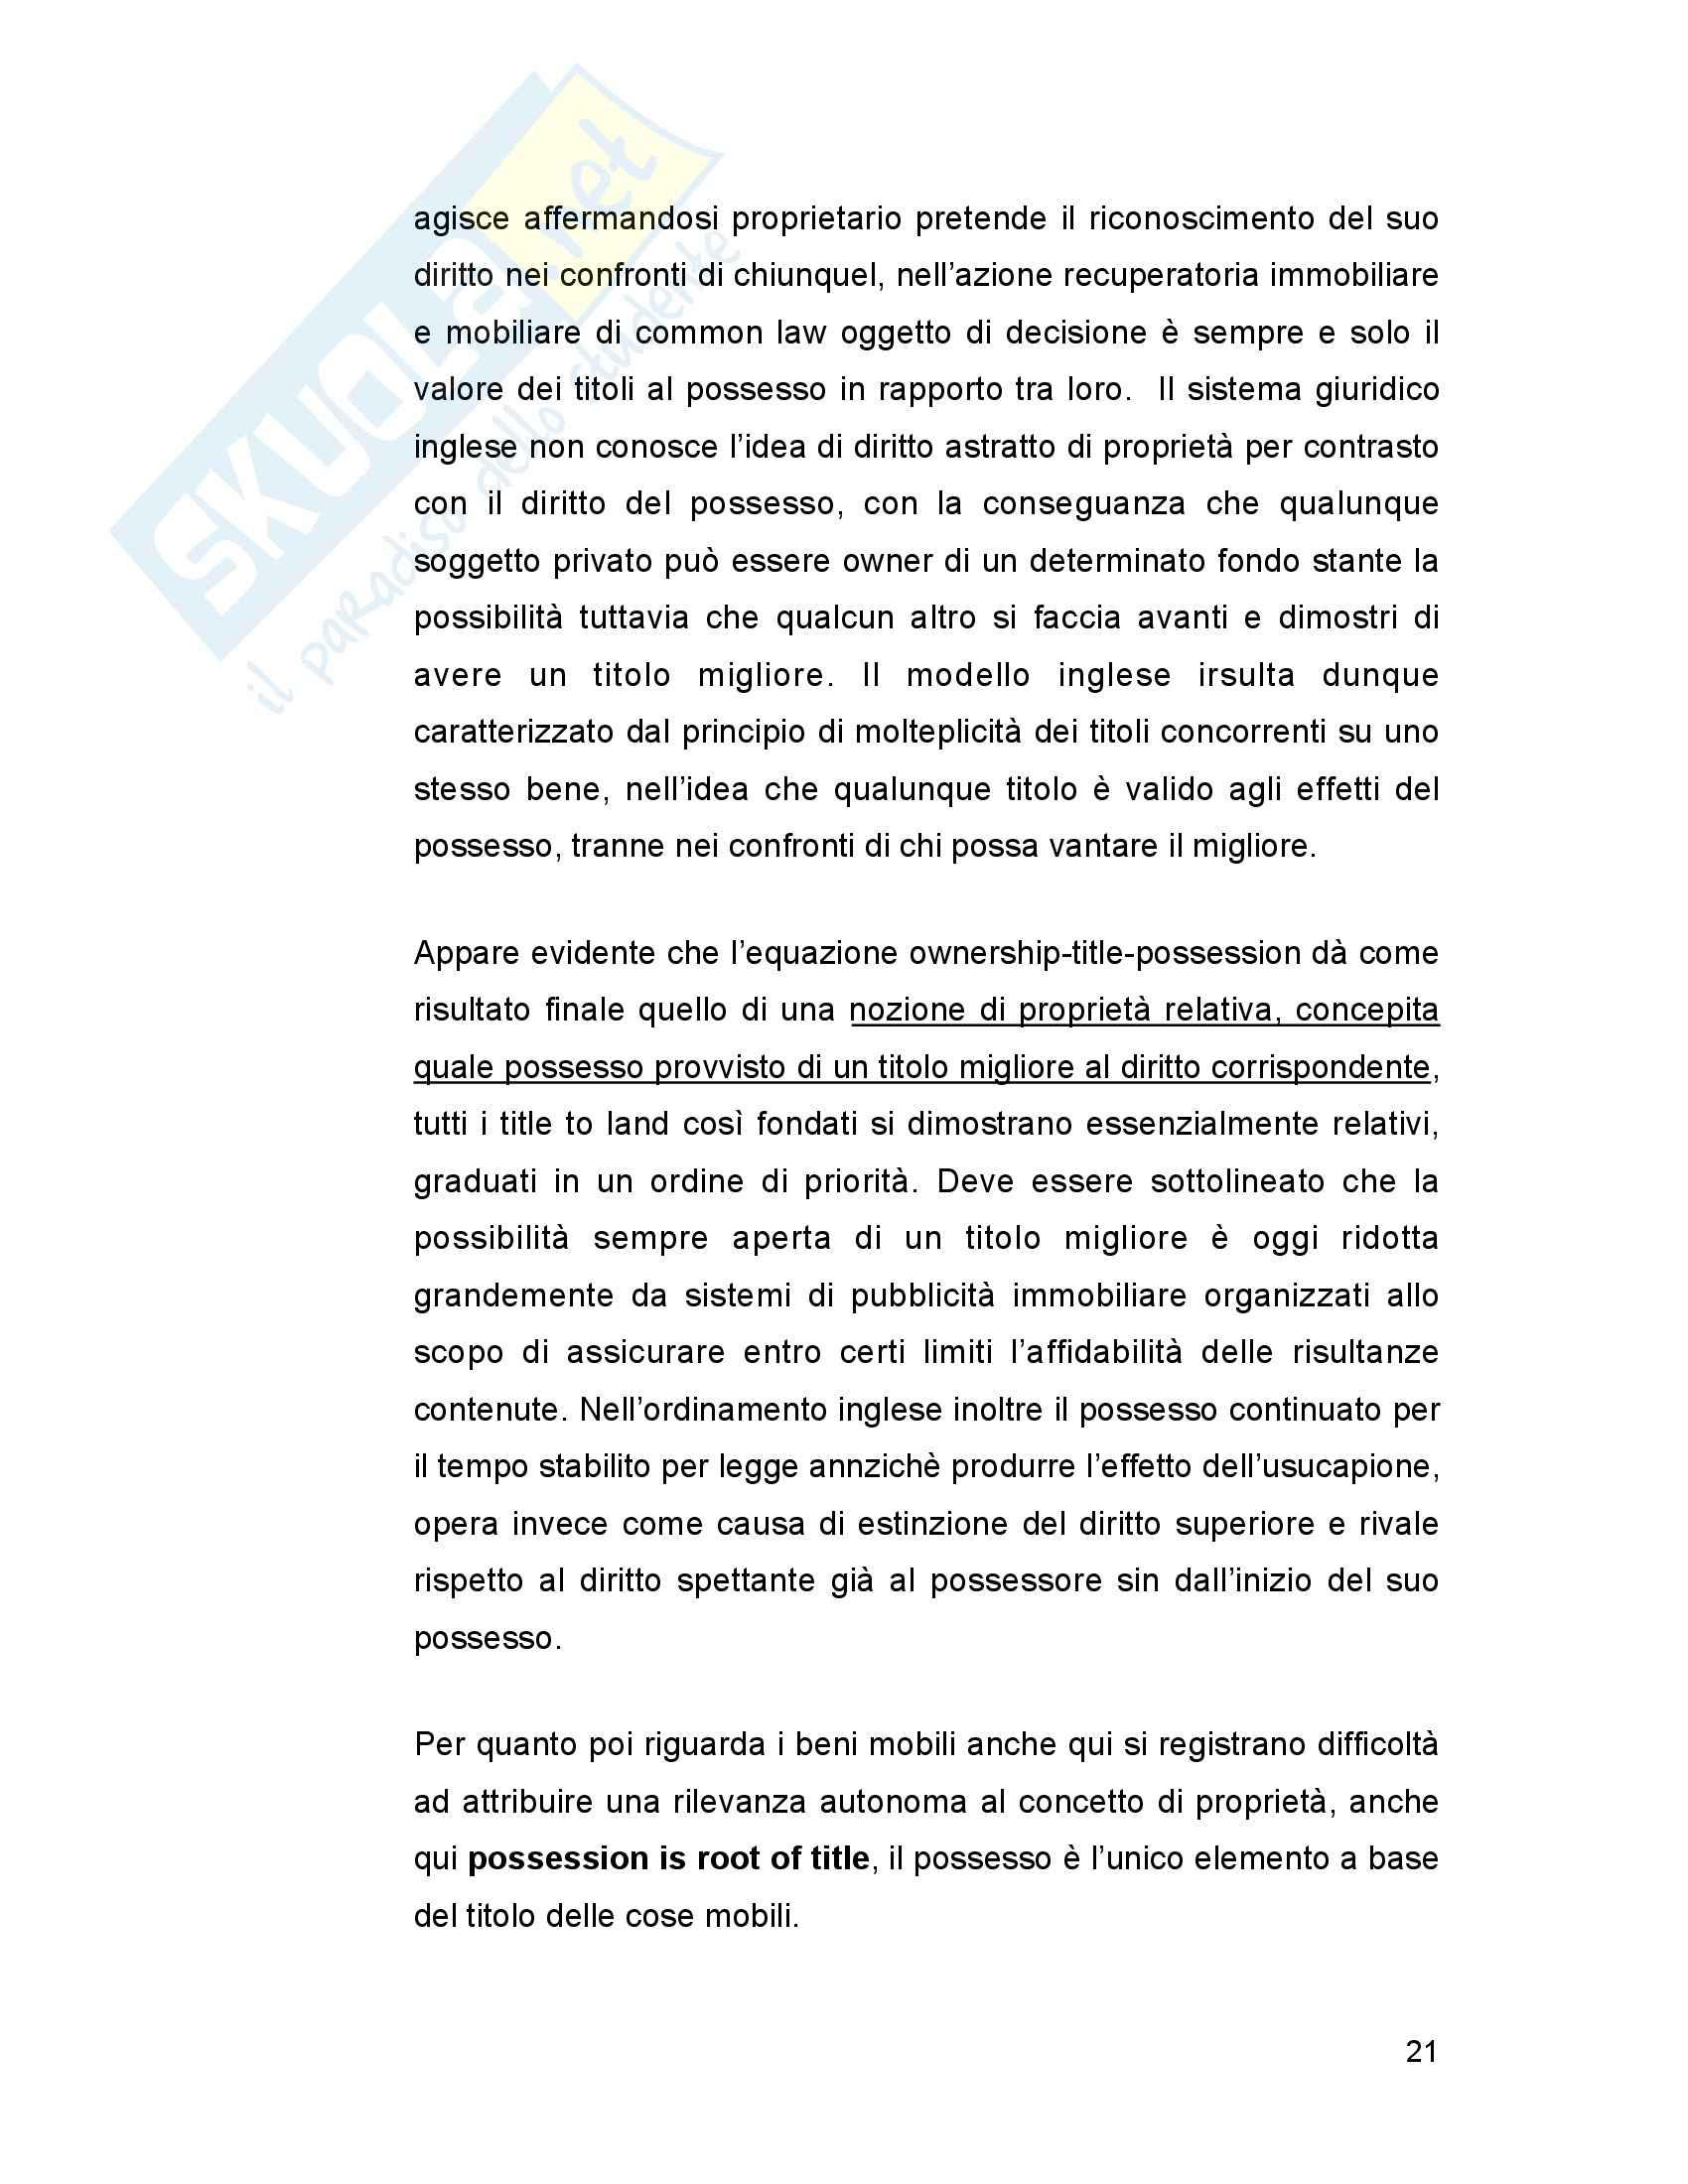 Diritto privato comparato - Riassunto esame parte speciale, prof. Resta Pag. 21